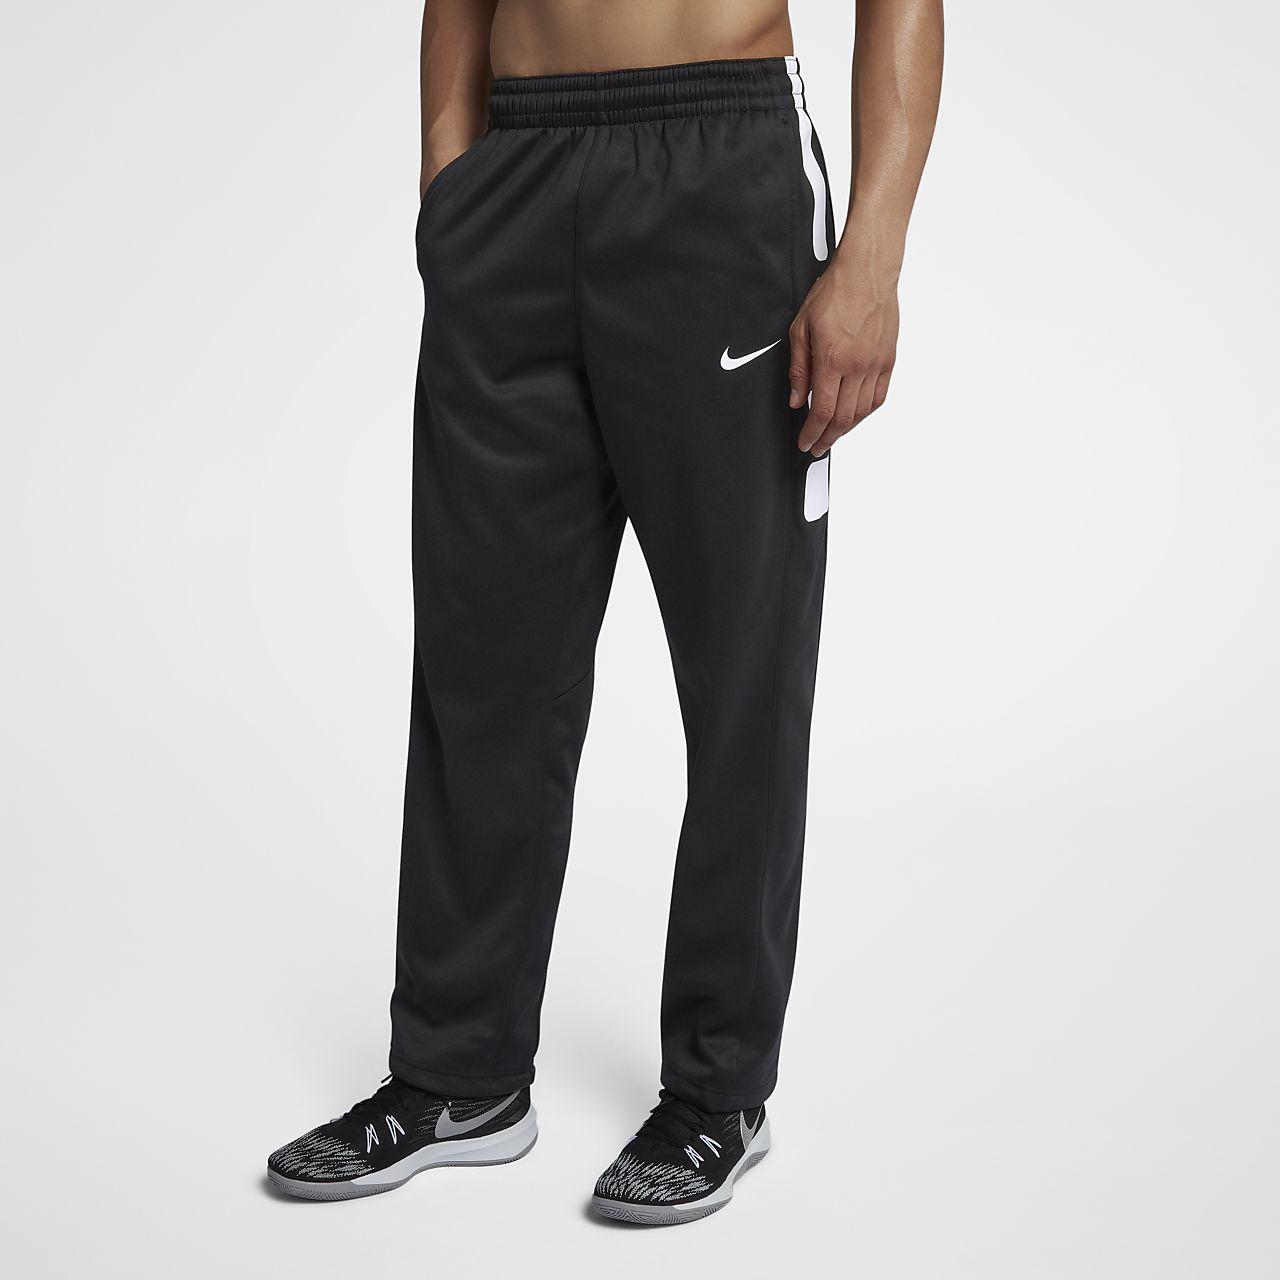 cc715c33278d9 Nike Therma Elite Men's Basketball Pants. Nike.com